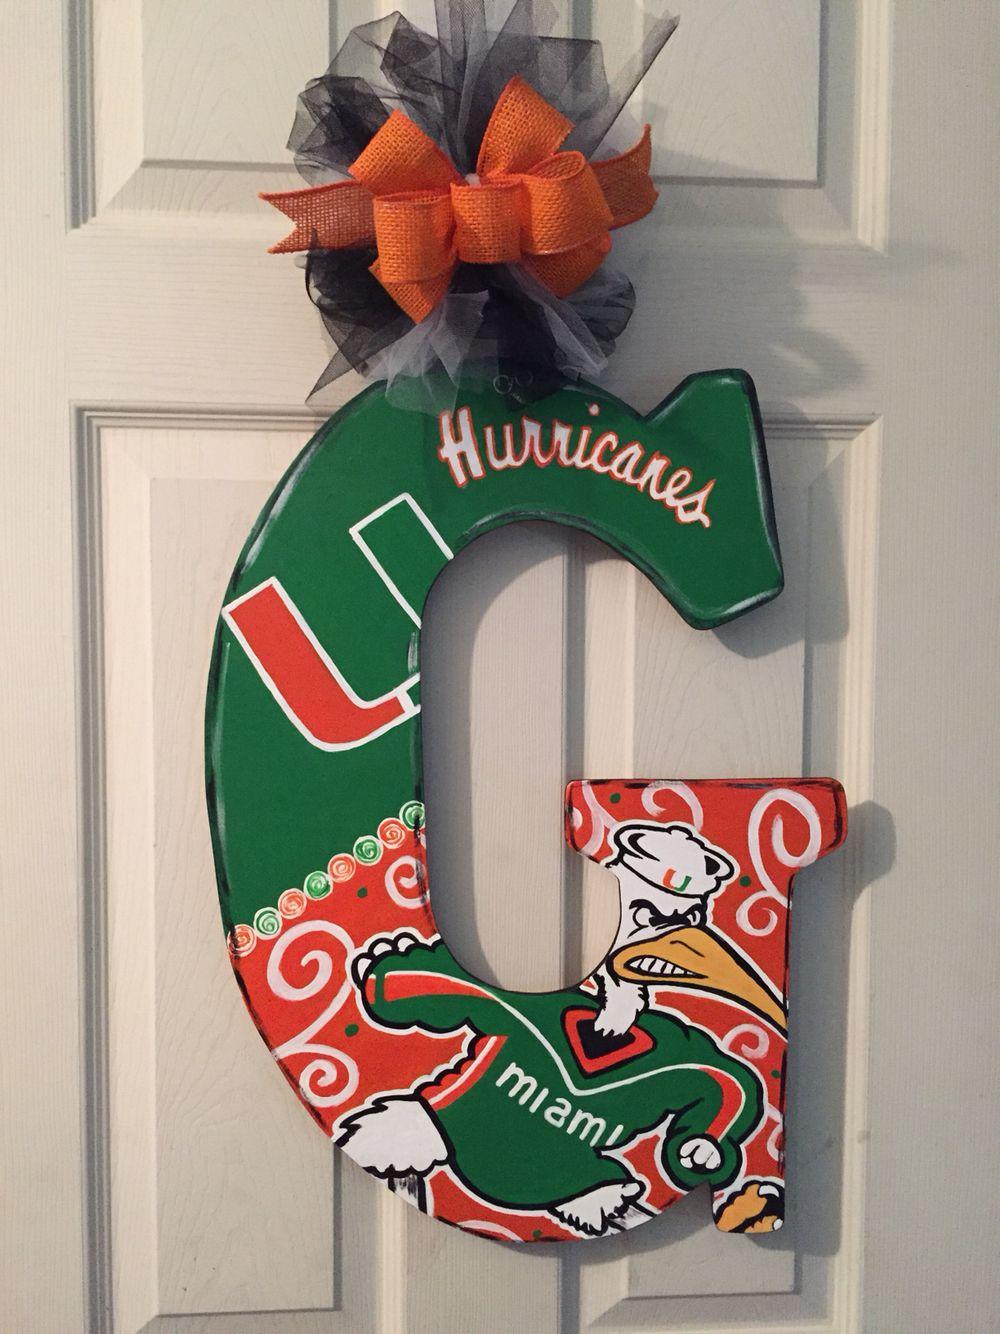 University of Miami football door hanger